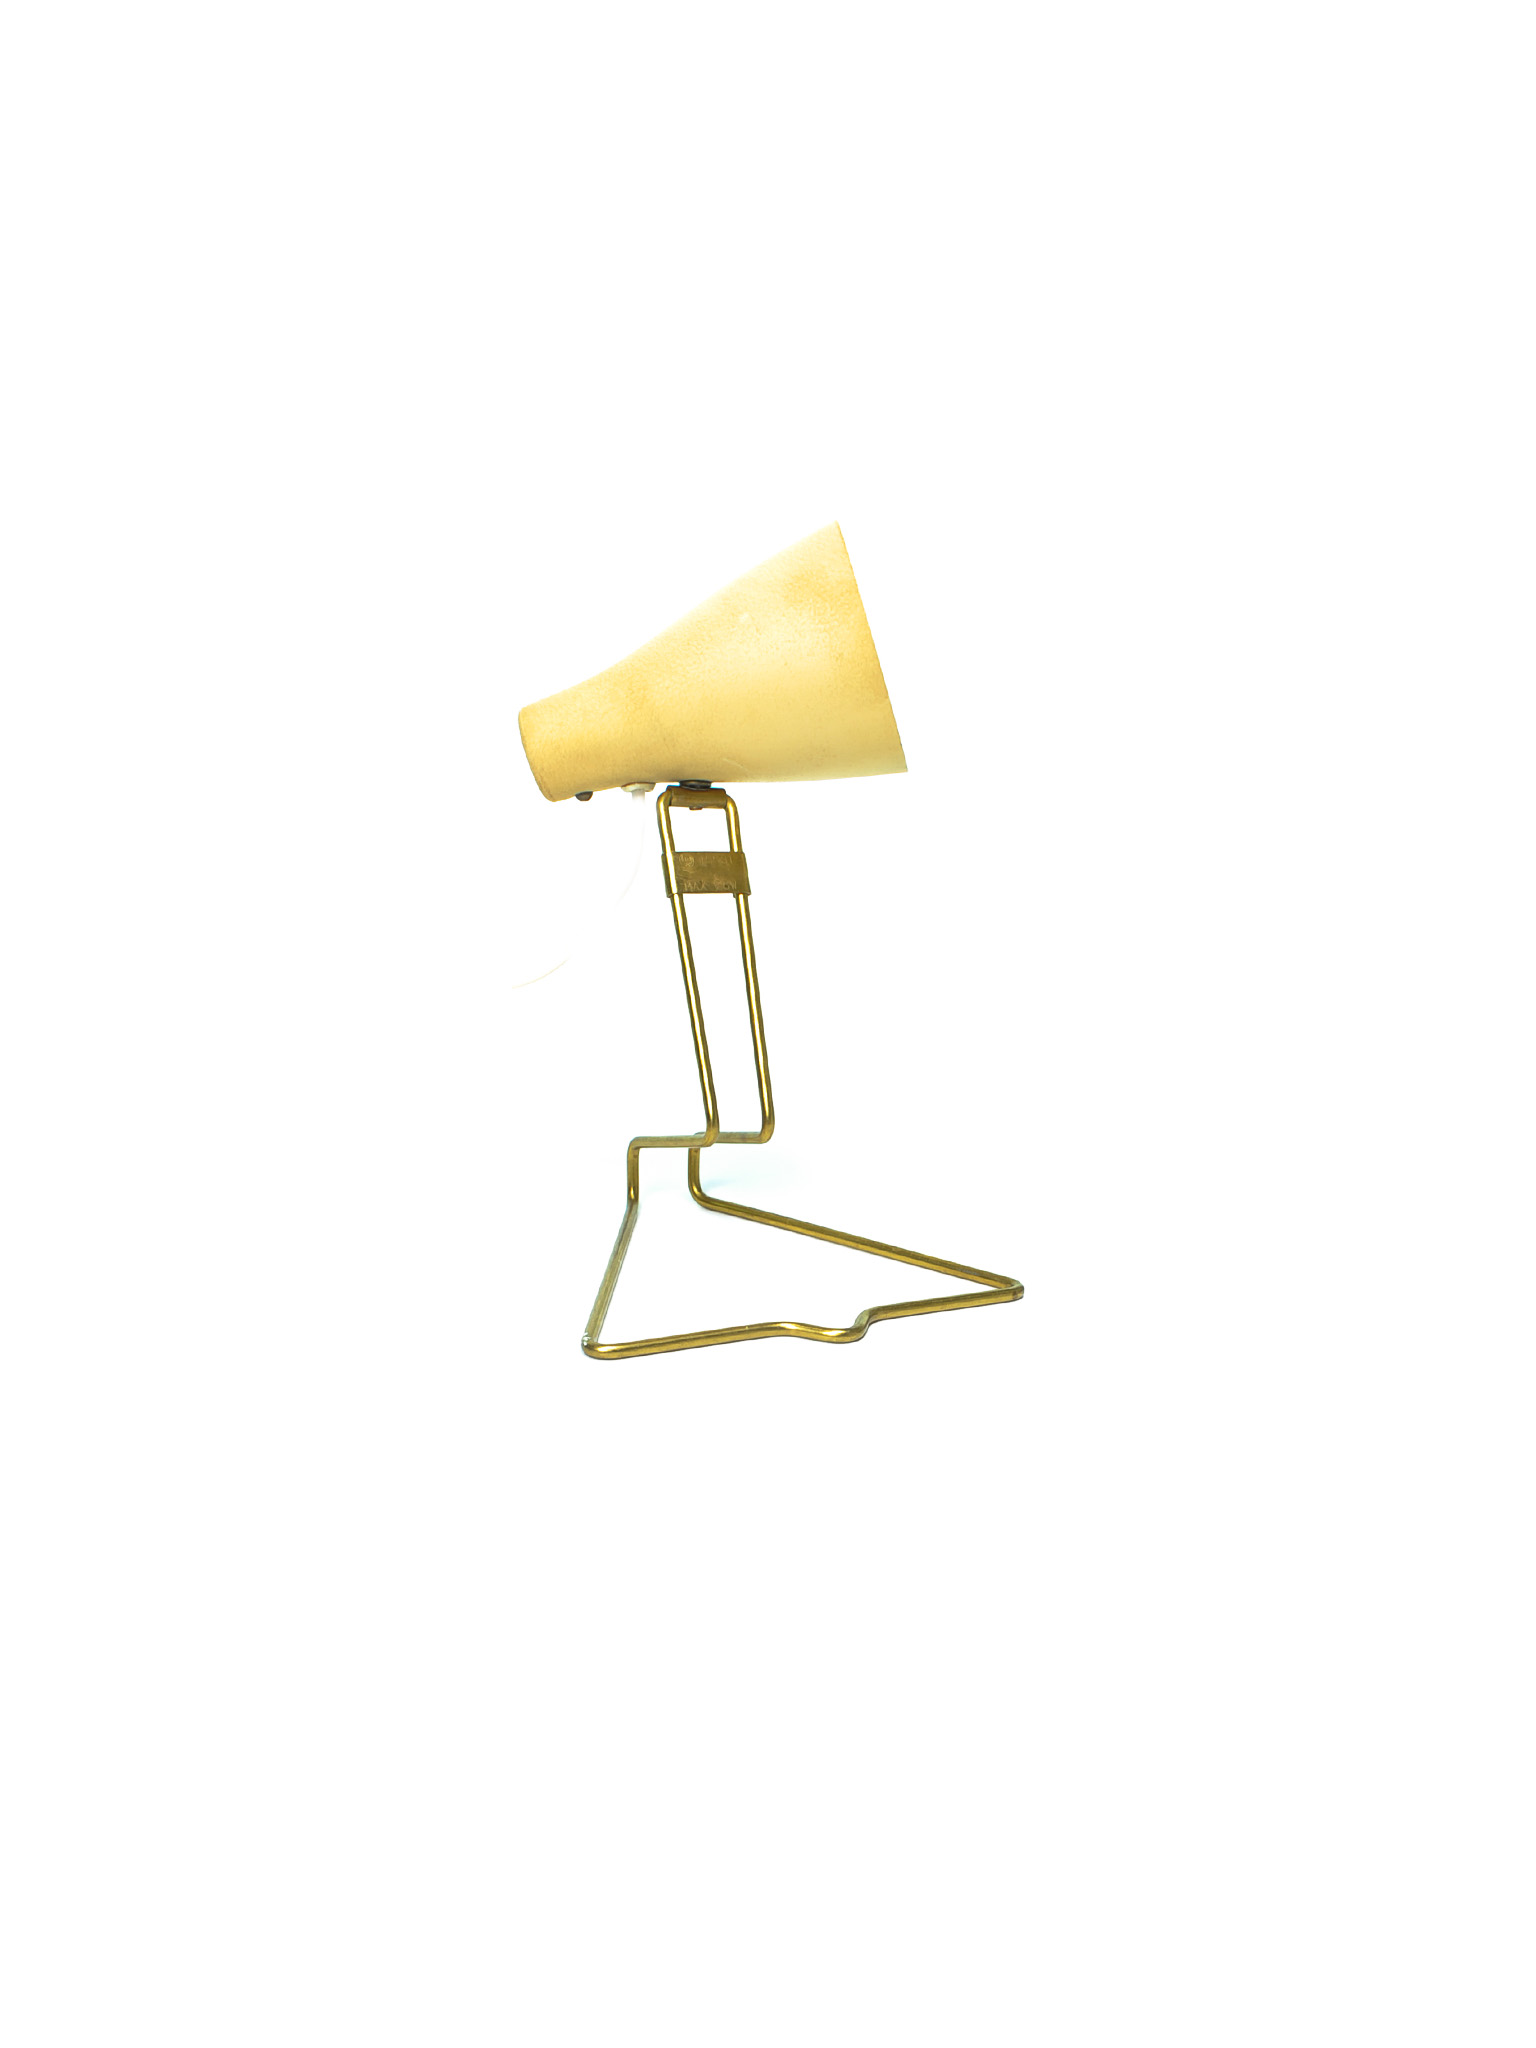 RARE TABLE LAMP BY BÖHLMARKS